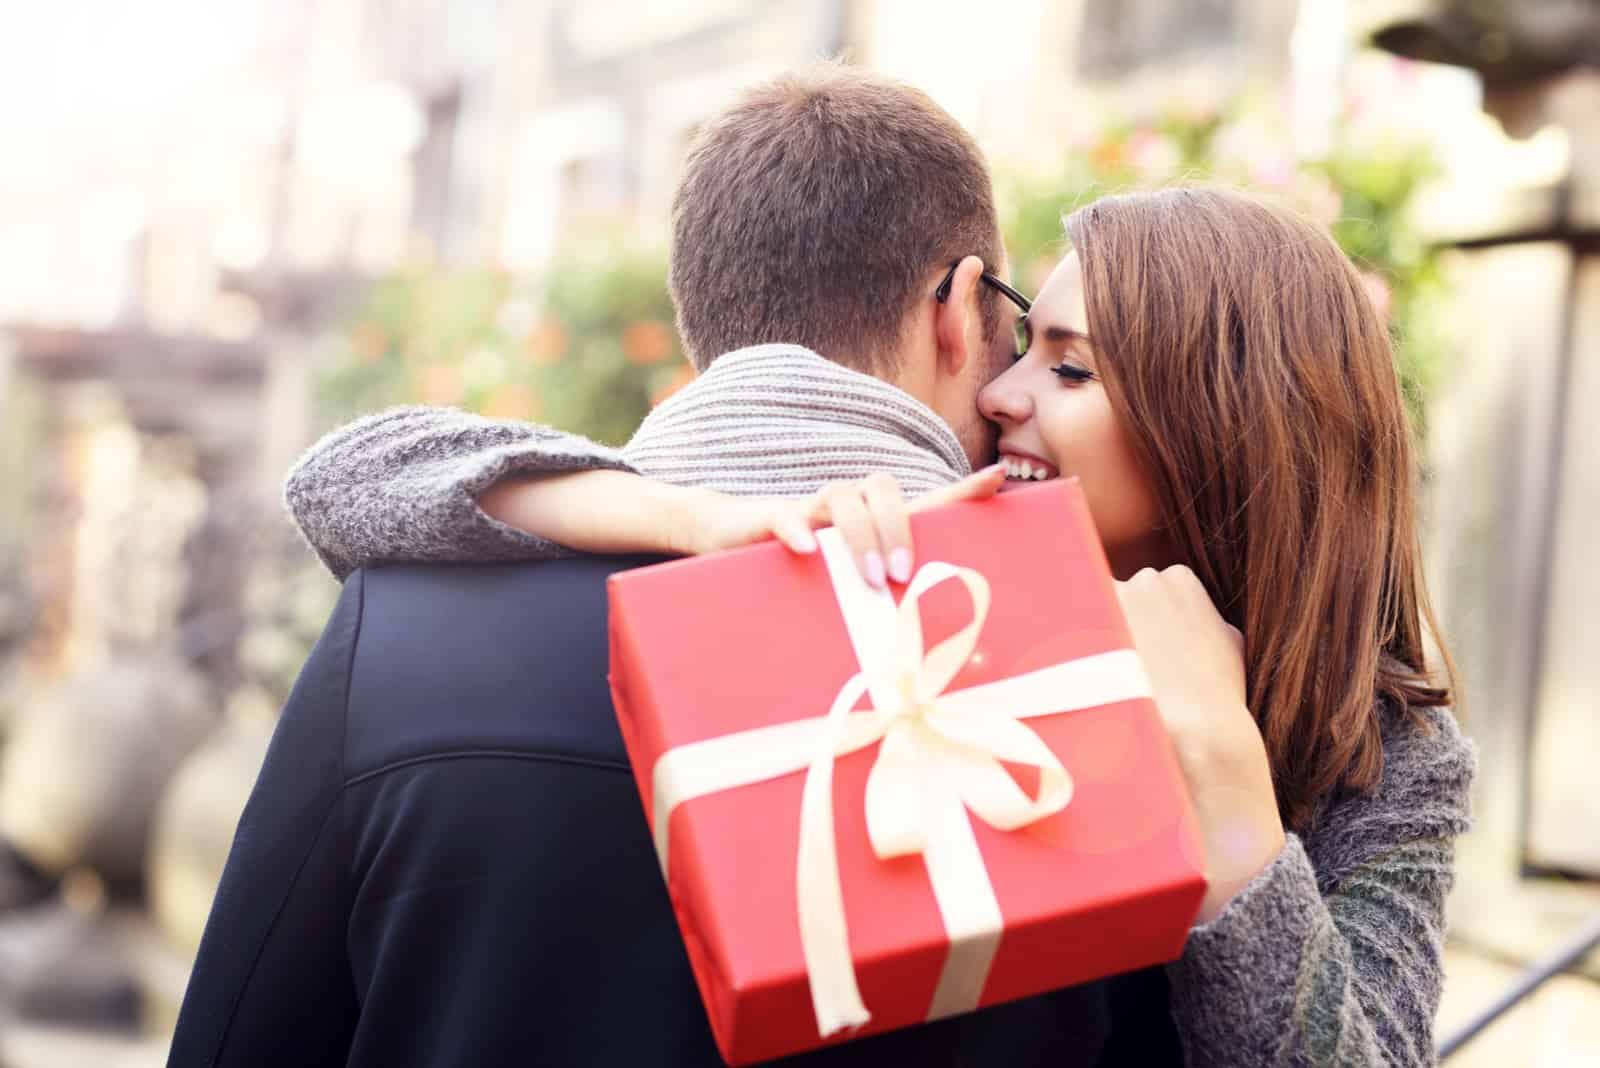 la femme a embrassé l'homme tout en tenant le cadeau dans sa main